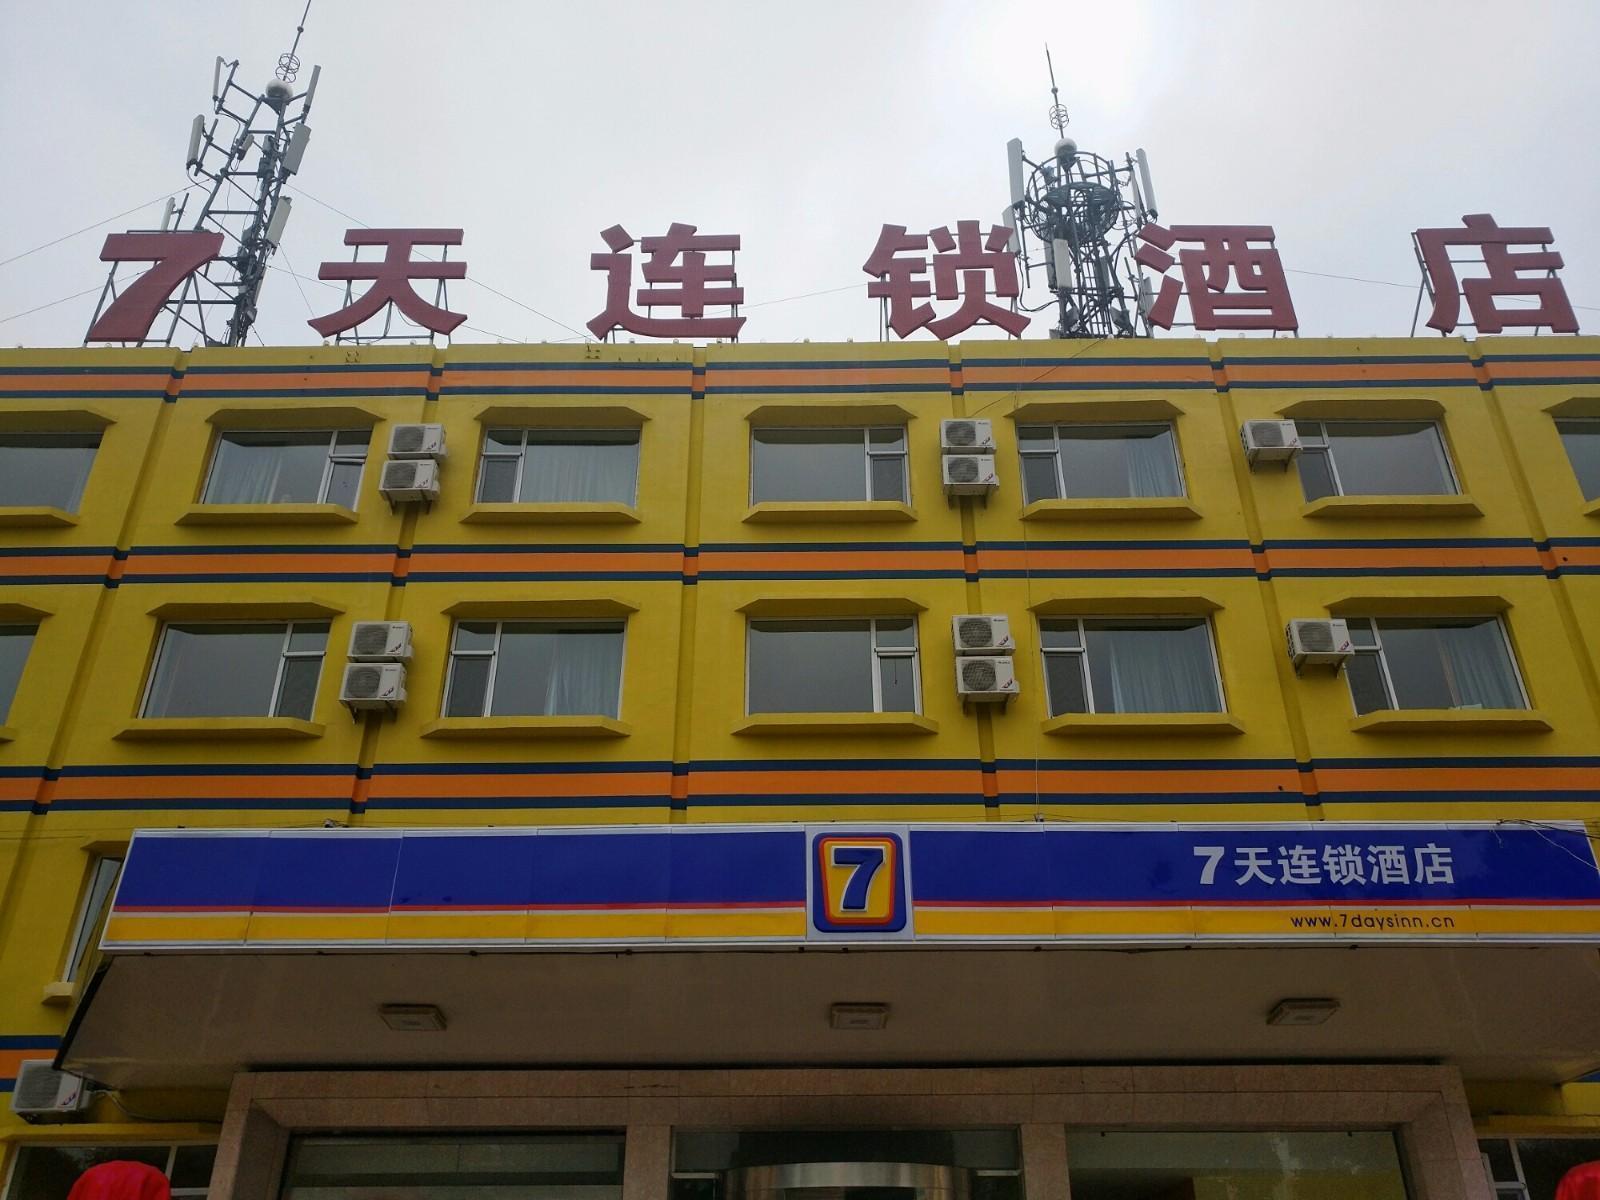 7 Days Inn·Changzhi Qin County, Changzhi